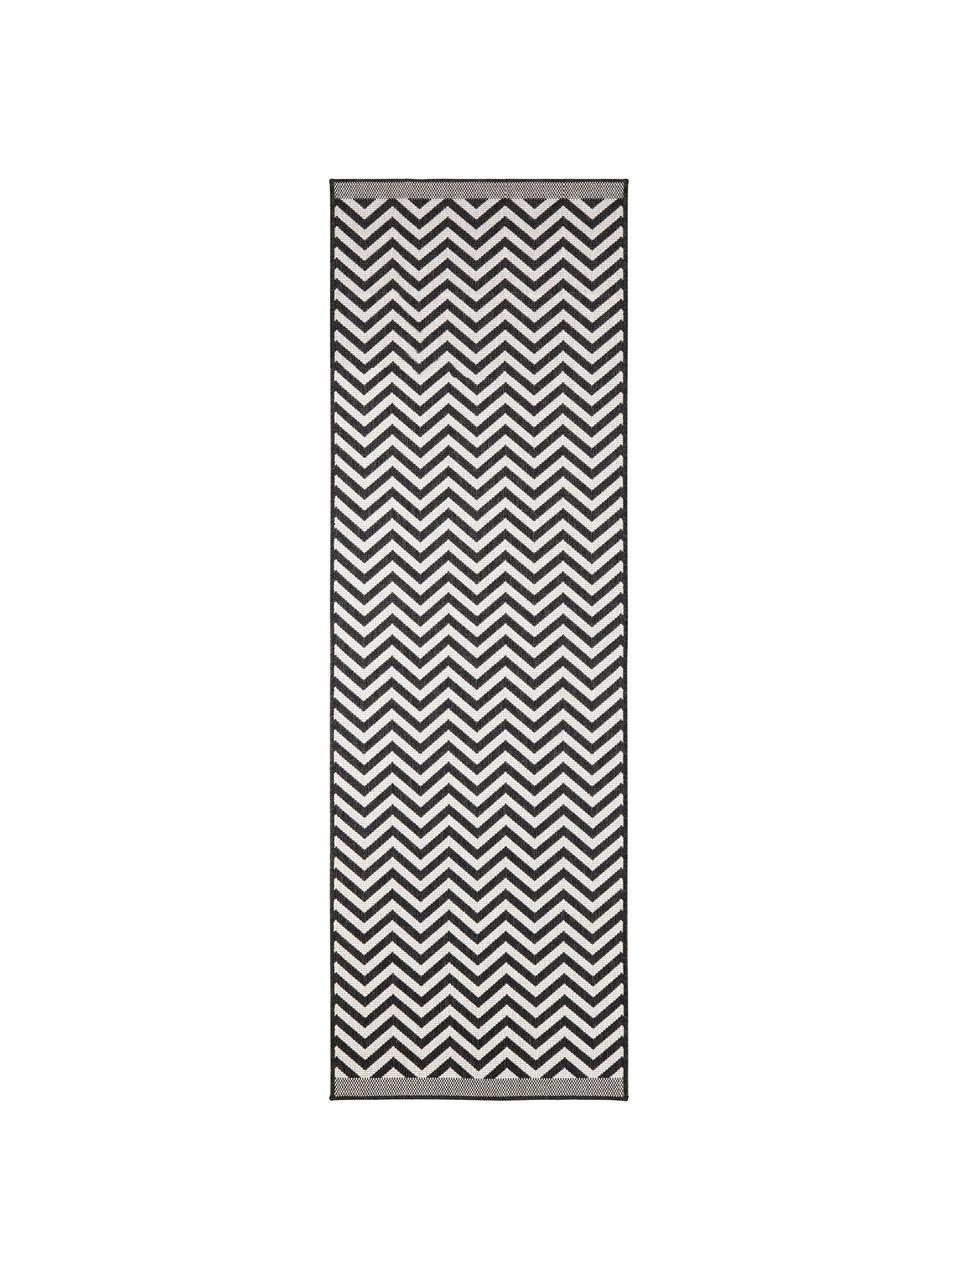 In- & Outdoor-Läufer Palma mit Zickzack-Muster, beidseitig verwendbar, 100% Polypropylen, Schwarz, Creme, 80 x 350 cm